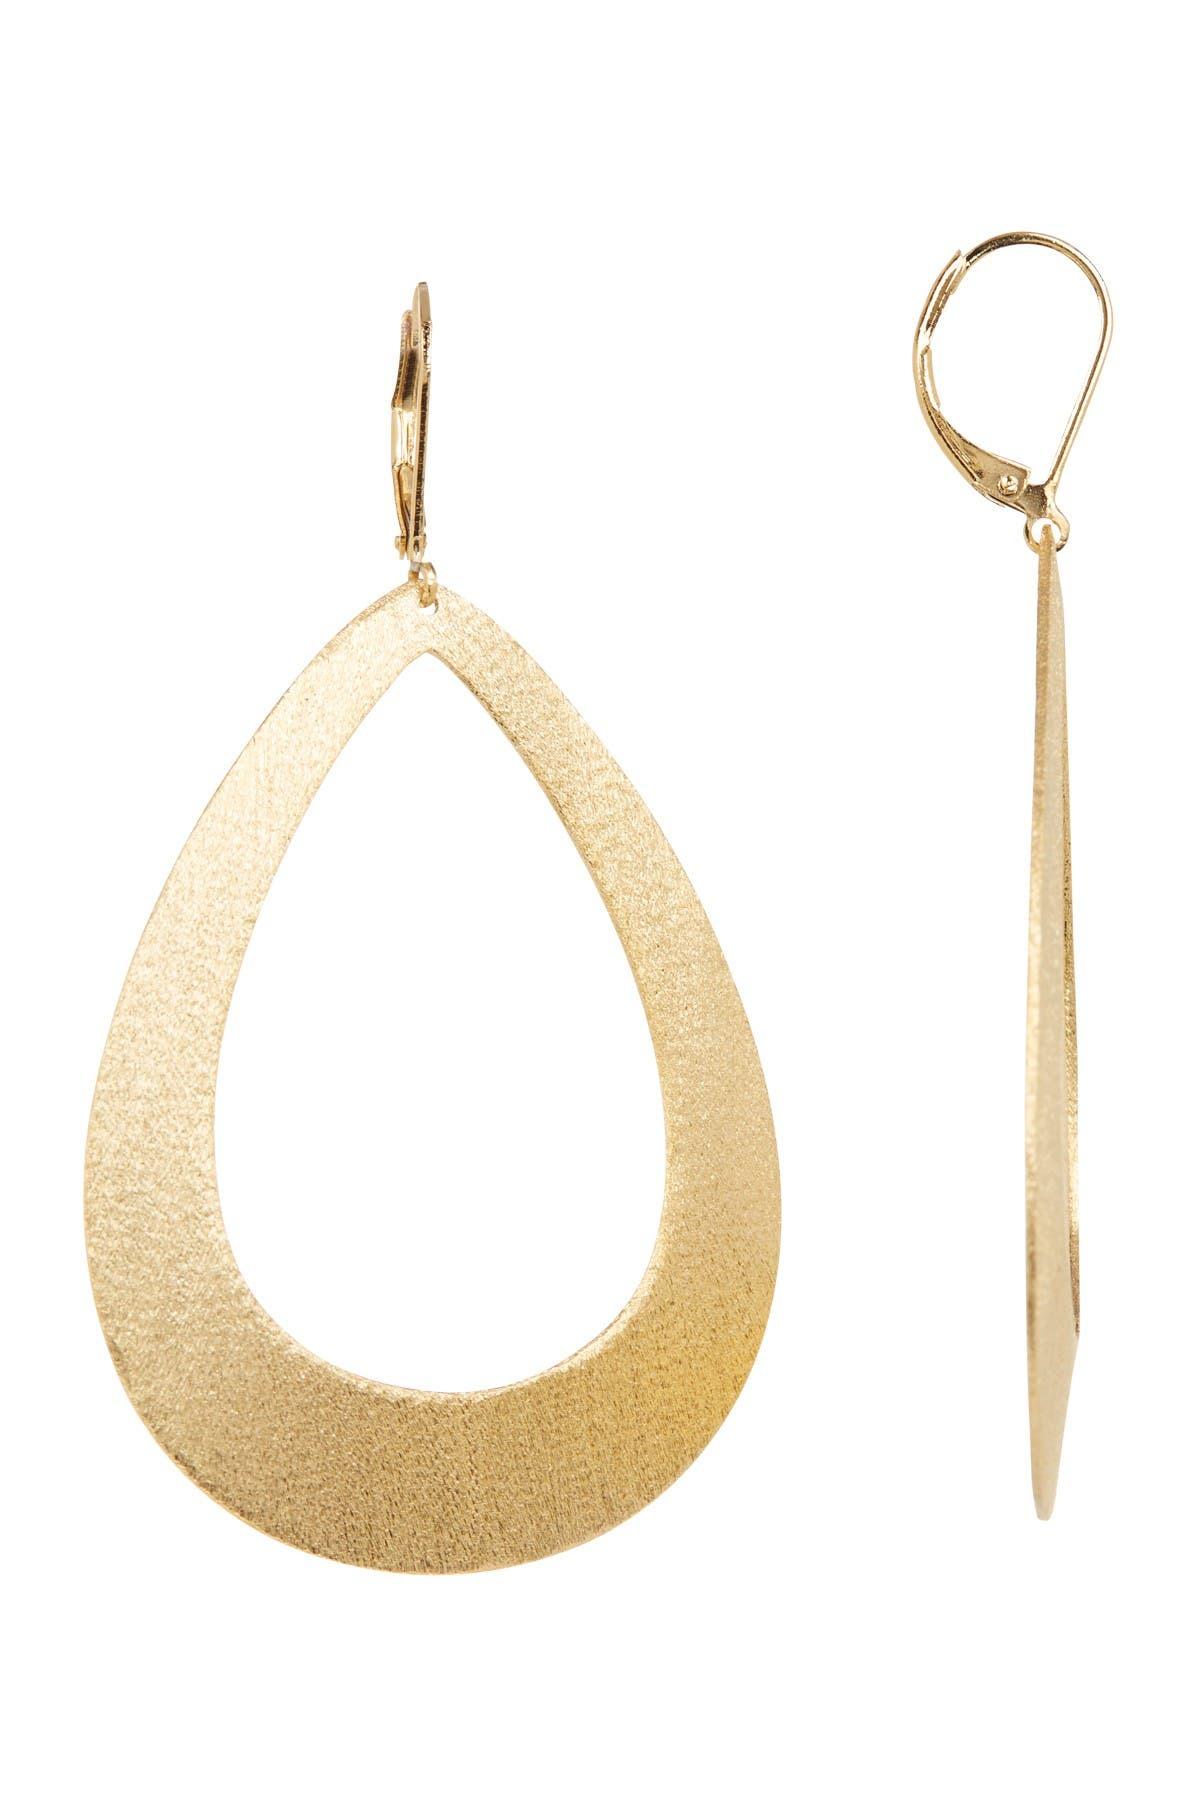 Image of Rivka Friedman 18K Gold Plated Open Teardrop Satin Dangle Earrings